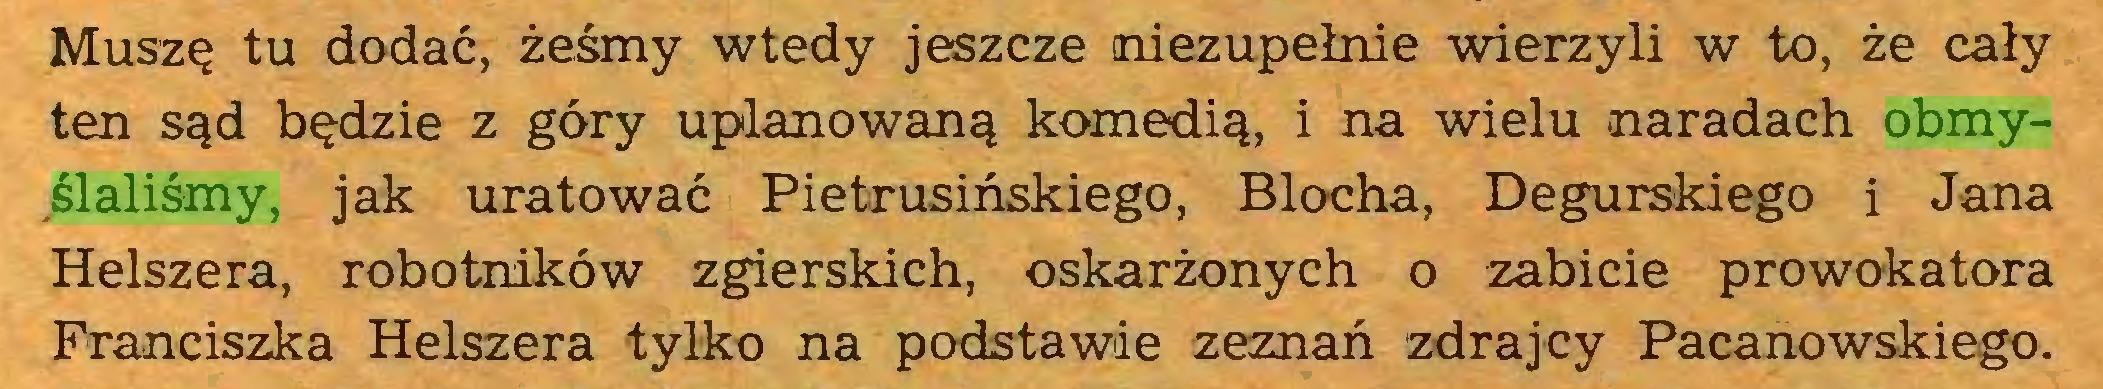 (...) Muszę tu dodać, żeśmy wtedy jeszcze niezupełnie wierzyli w to, że cały ten sąd będzie z góry uplanowaną komedią, i na wielu naradach obmyślaliśmy, jak uratować Pietrusińskiego, Blocha, Degurskiego i Jana Helszera, robotników zgierskich, oskarżonych o zabicie prowokatora Franciszka Helszera tylko na podstawie zeznań zdrajcy Pacanowskiego...